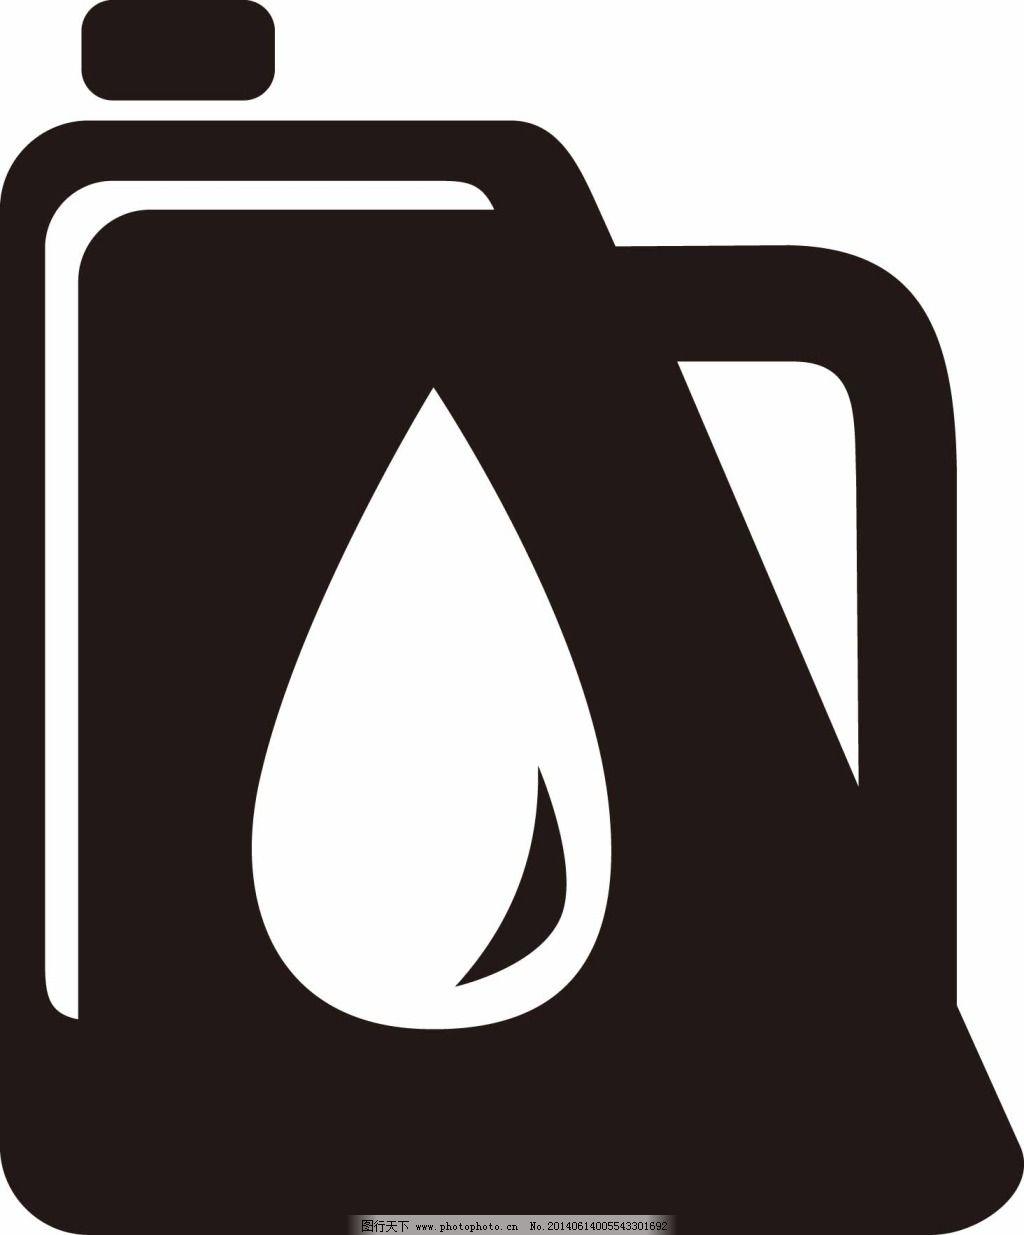 油桶矢量图标